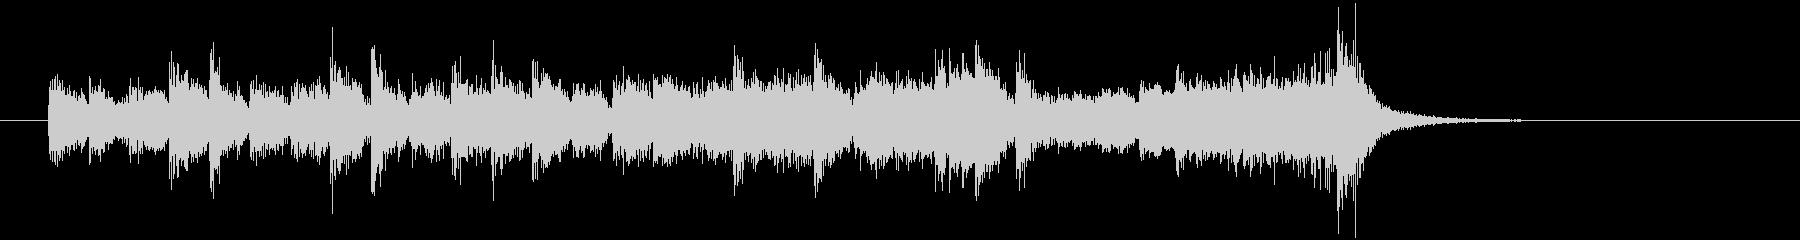 「サクセス」 アレンジa (原曲)の未再生の波形